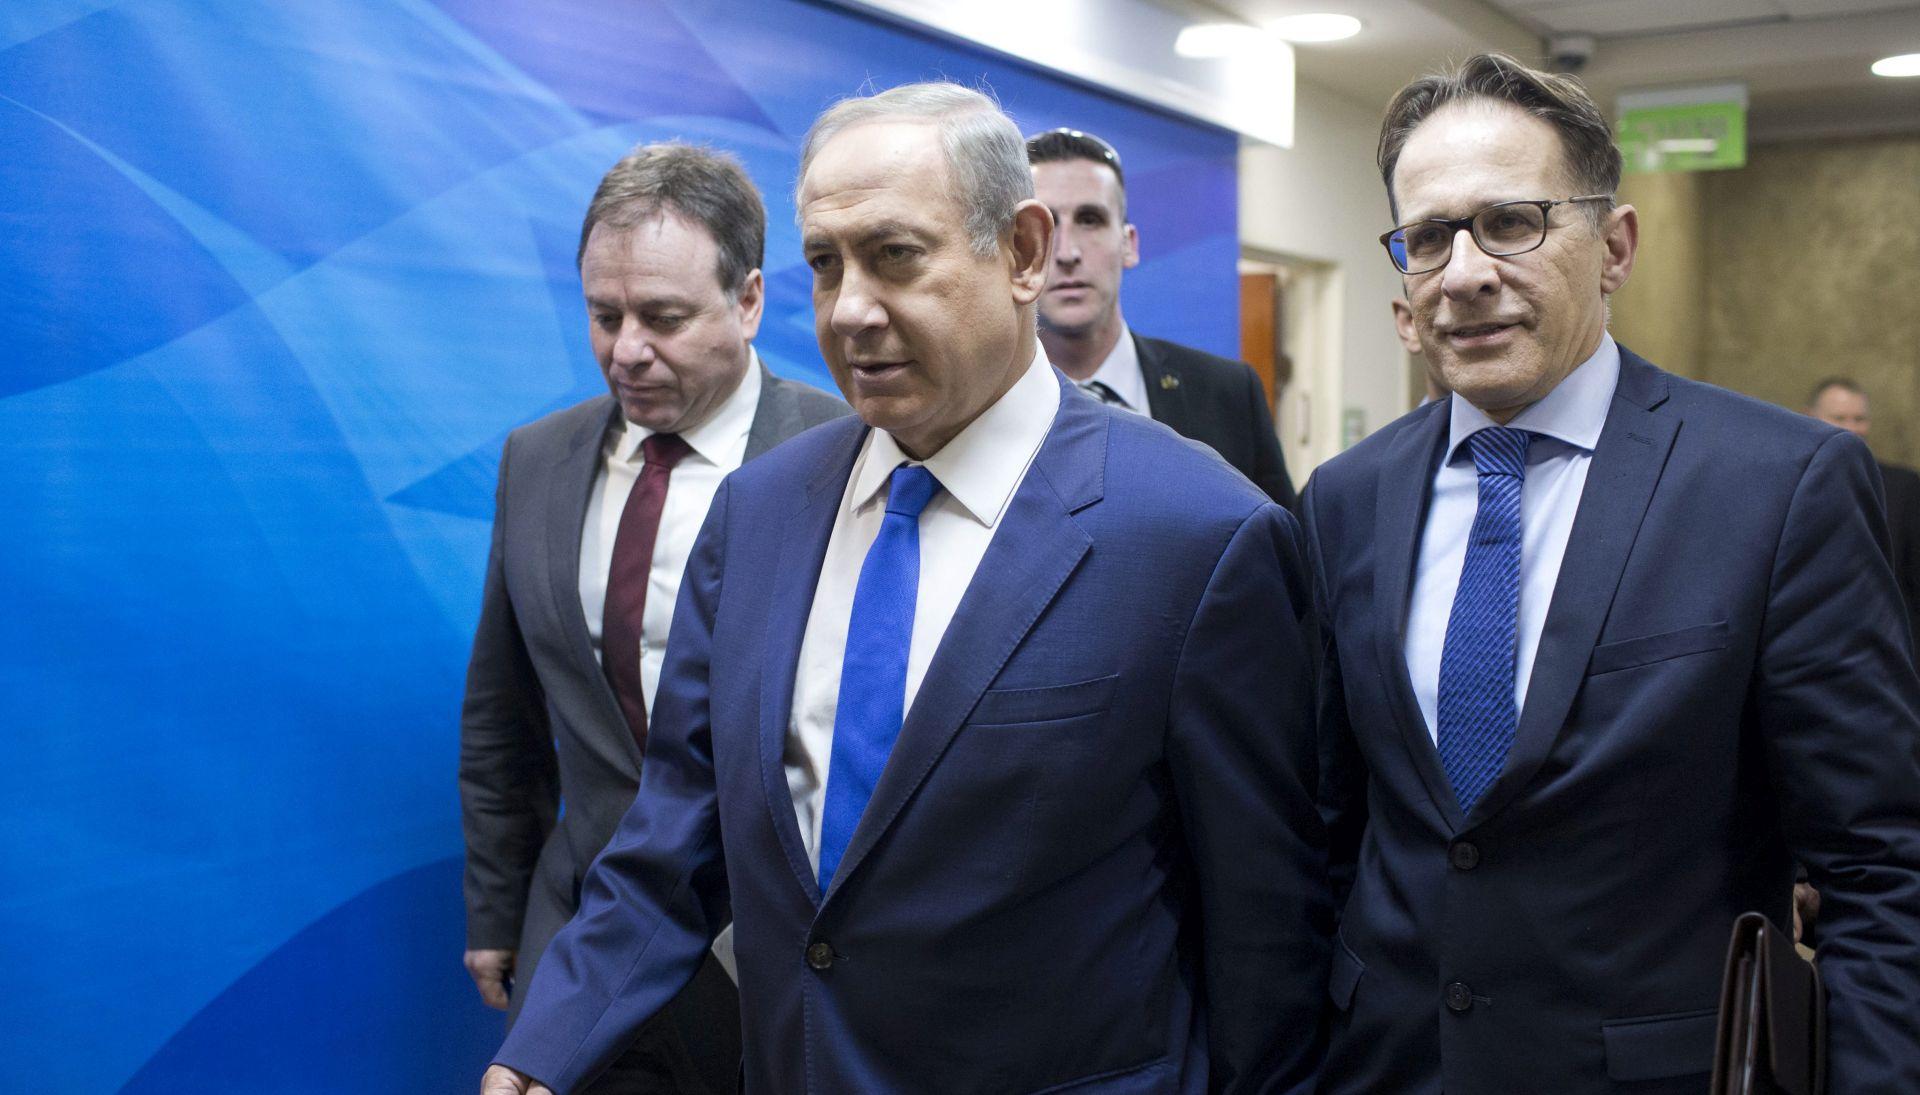 Ministri prijete Asadu likvidacijom u slučaju napada na Izrael